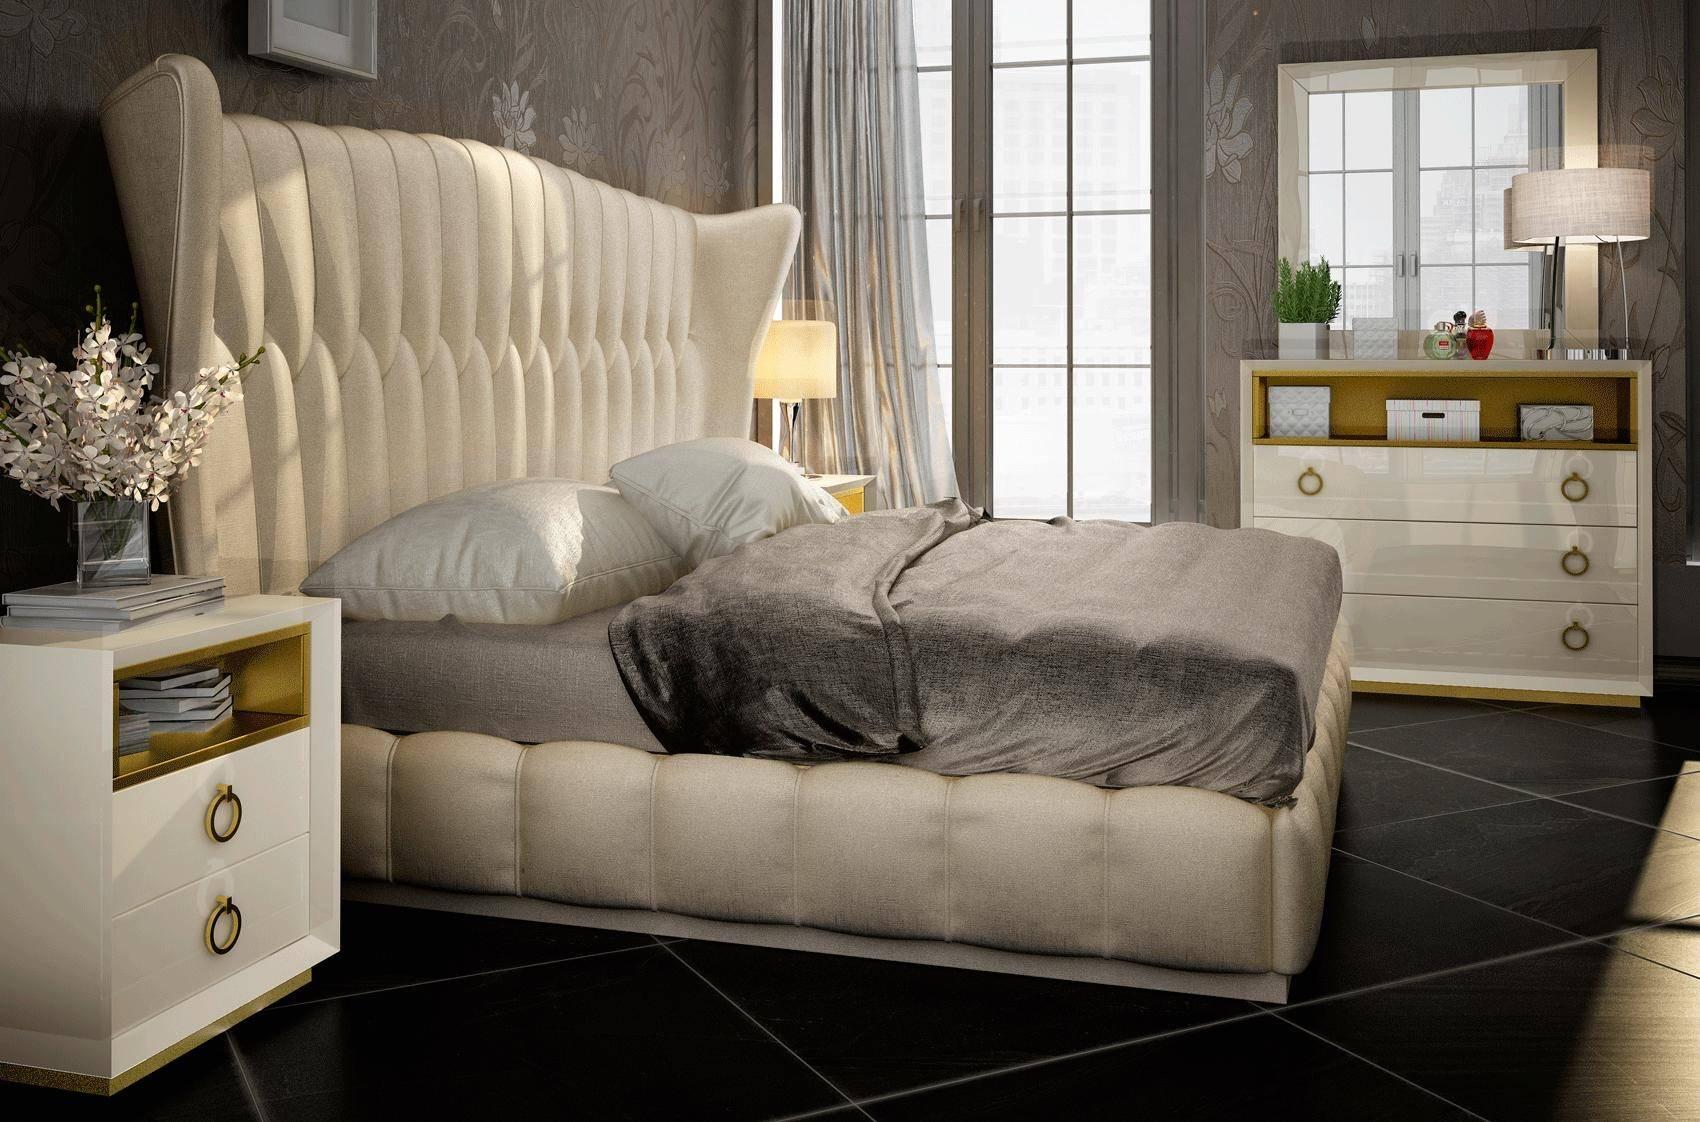 Buy Esf Velvet Queen Platform Bedroom Set 5 Pcs In Gold Sand Cream Eco Leather Online